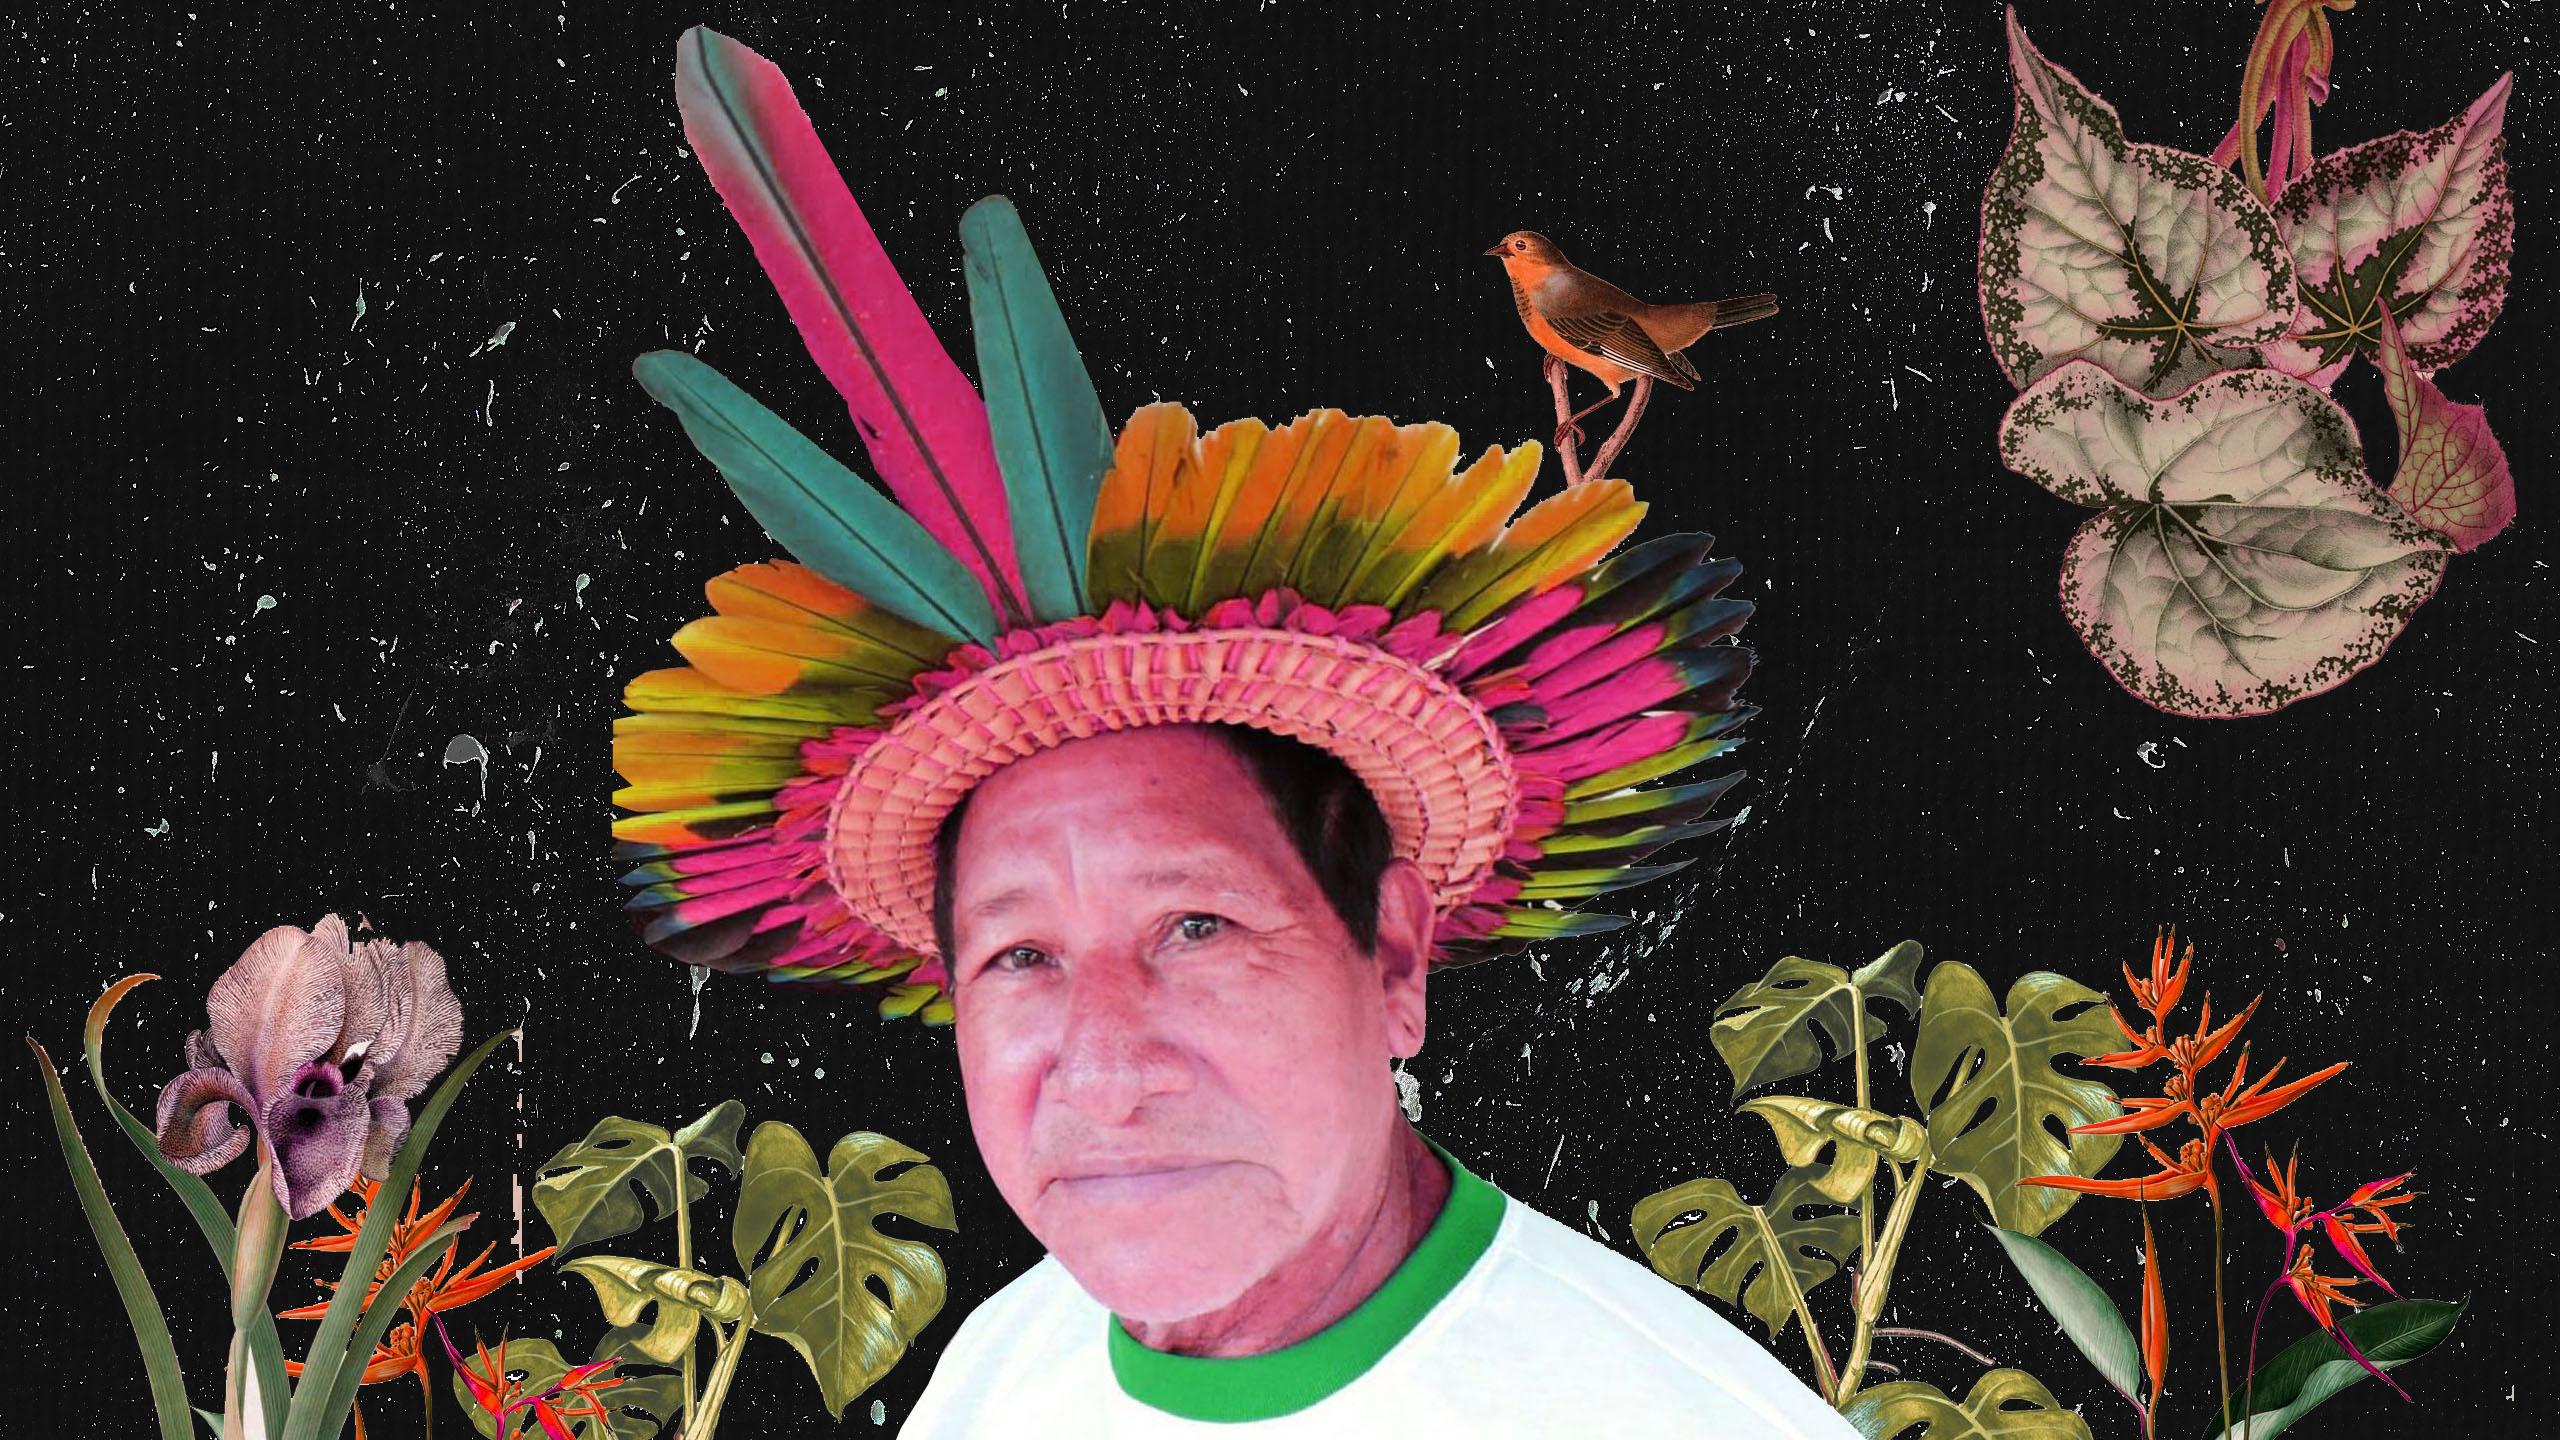 """Procurei apresentar nesta série um pouco das epidemias que sempre afetaram nós, povos indígenas que vivem na região amazônica. E que com a destruição de nosso habitat natural, vem trazendo diversas doenças para os povos da floresta. Desde a invasão, nós convivemos com as doenças vindas do estrangeiro. E até hoje estas doenças nos atigem,  como a Covid-19, e estamos perdendo vários parentes, principalmente anciãos e grandes lideranças como o Cacique Poraquê ASsurini, de TRocará de Tucuruí, que eu conheci em 2015 e ano passado ele se foi junto com a sua esposa. Também trouxe o grande ator Antonio Bolivar que também morreu de Covid 19, ator principal do filme """"O abraço da serpente"""". Que aqui faço referência aos nossos grandes xamãs, que como diz Davi Kopenawa, quando a Amazônia sucumbir à devastação desenfreada e o último xamã morrer, o céu vai cair sobre nós todes e será o fim deste mundo em que vivemos."""